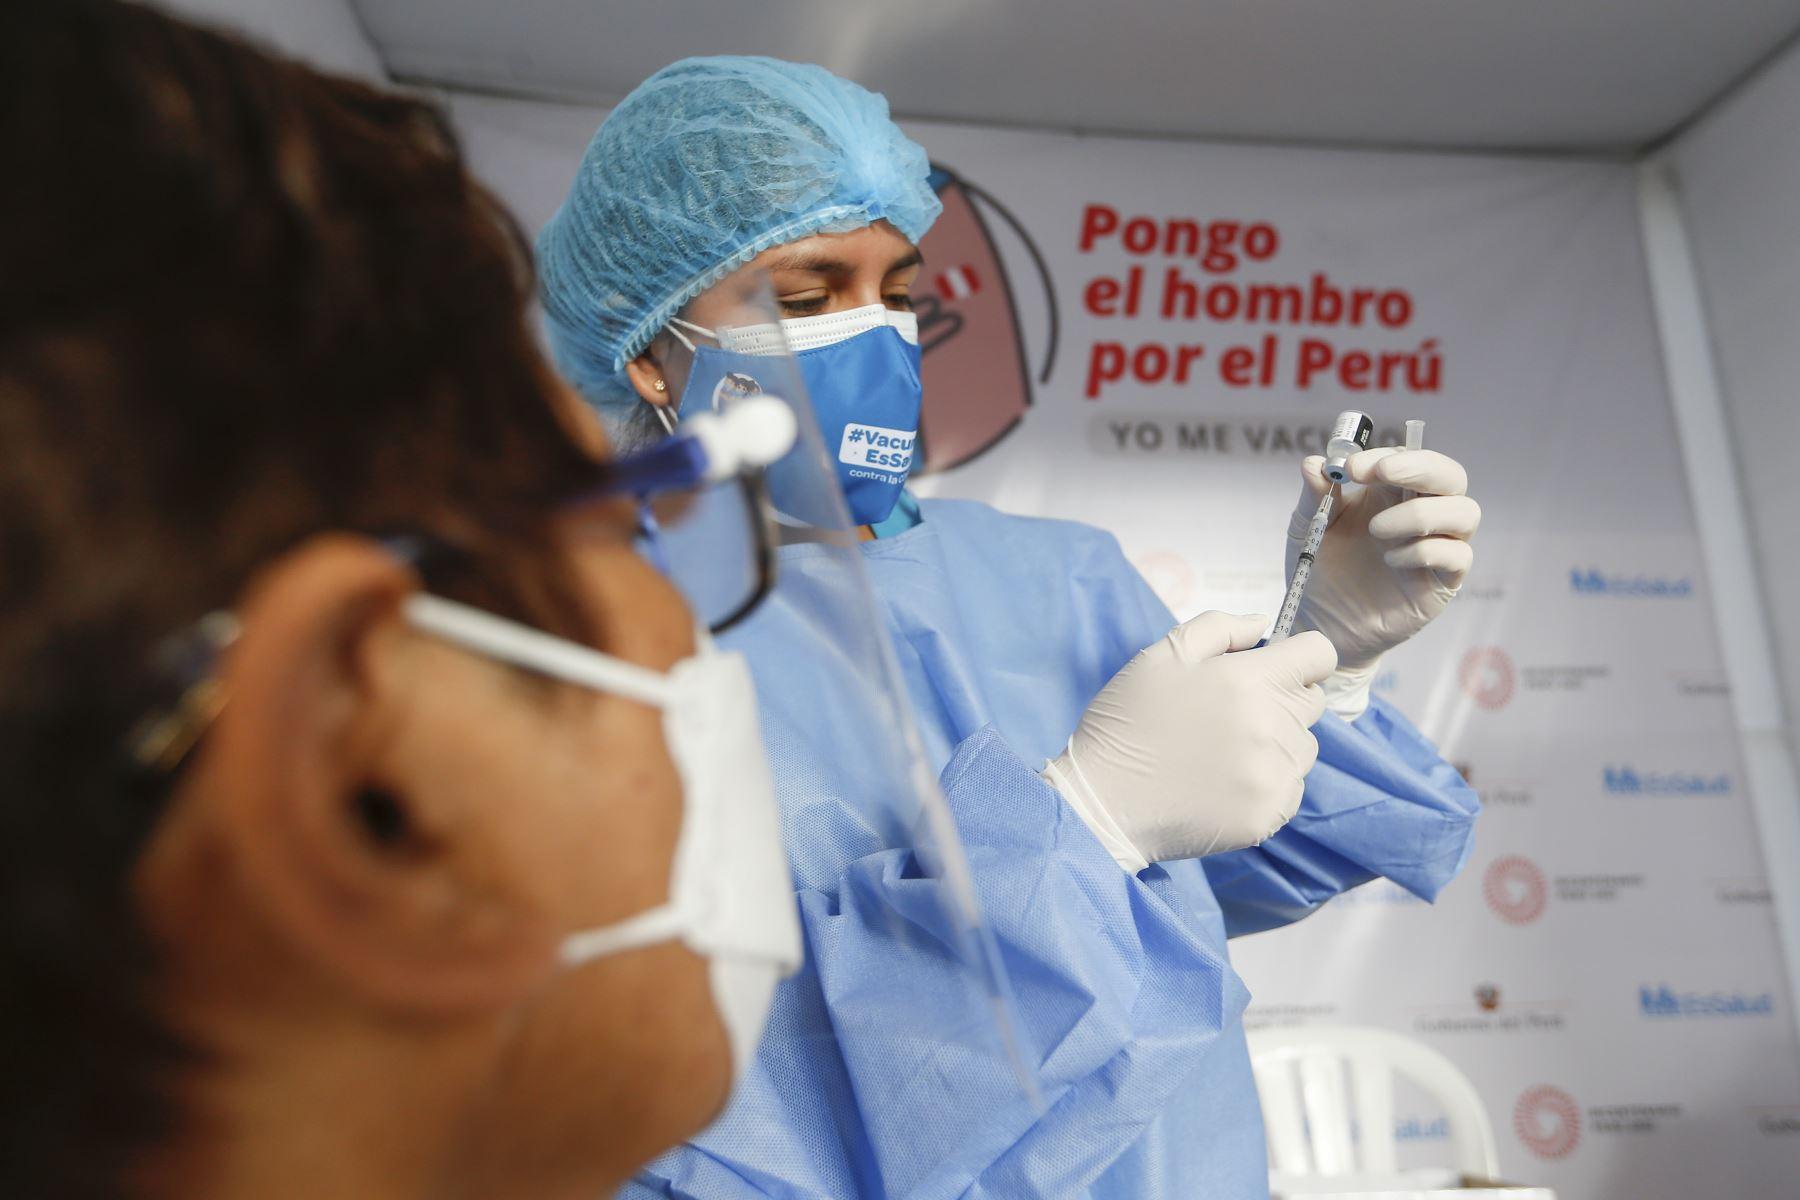 El ministro de Salud, Óscar Ugarte; junto a la presidenta de EsSalud, Fiorella Molinelli, supervisan el inicio del proceso de vacunación contra el covid-19 a los pacientes que reciben tratamiento de hemodiálisis. Foto: Minsa.